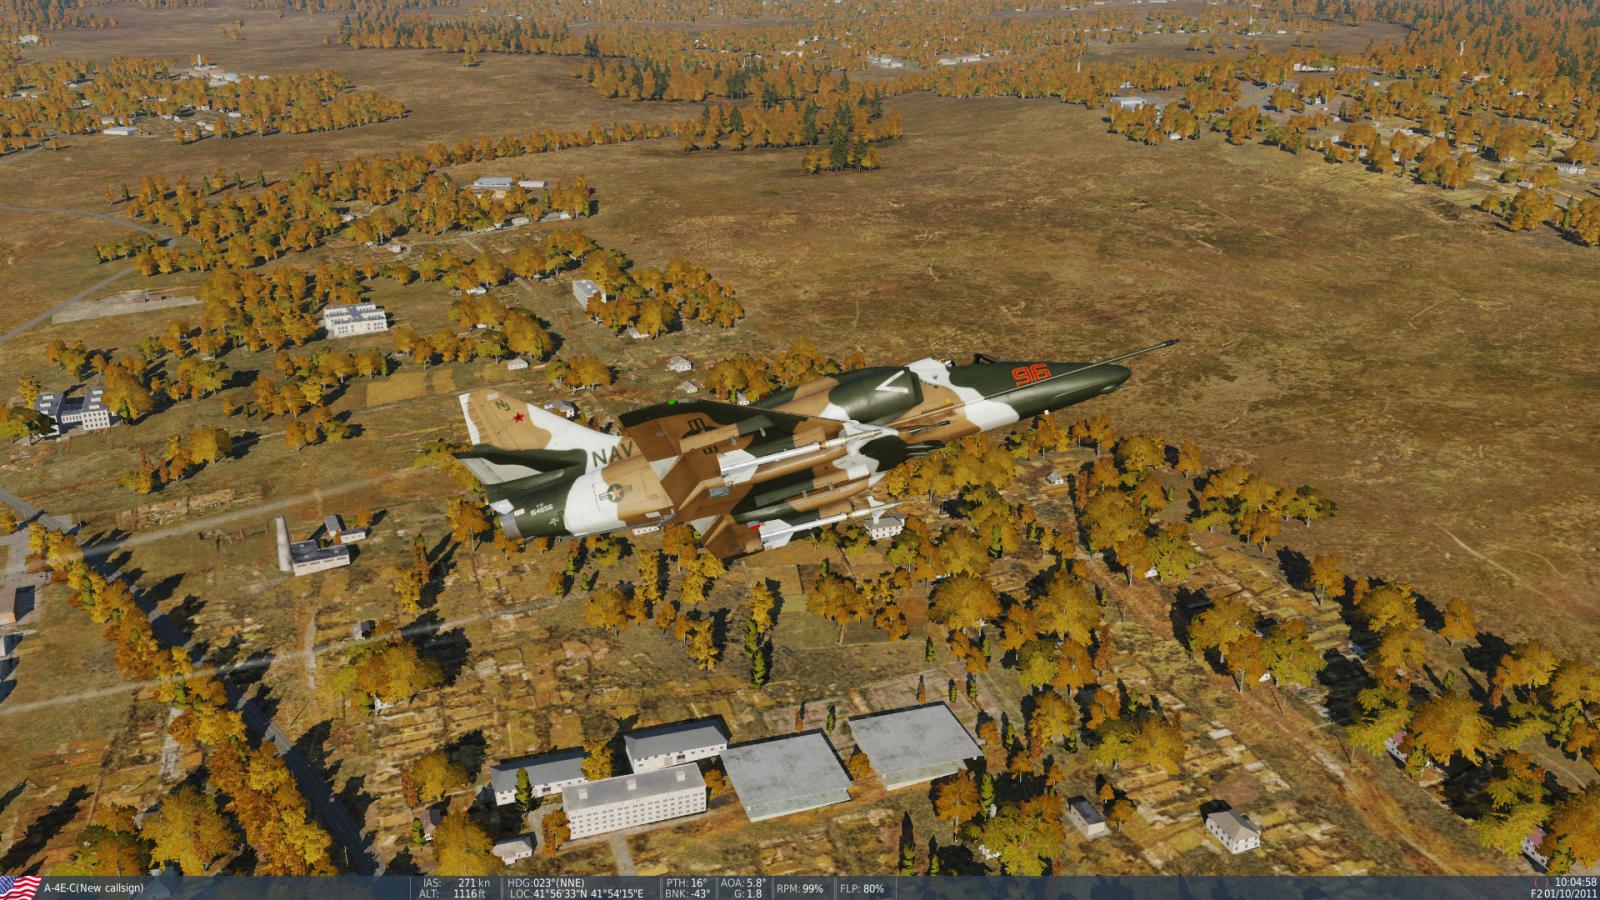 A-4E AA training.